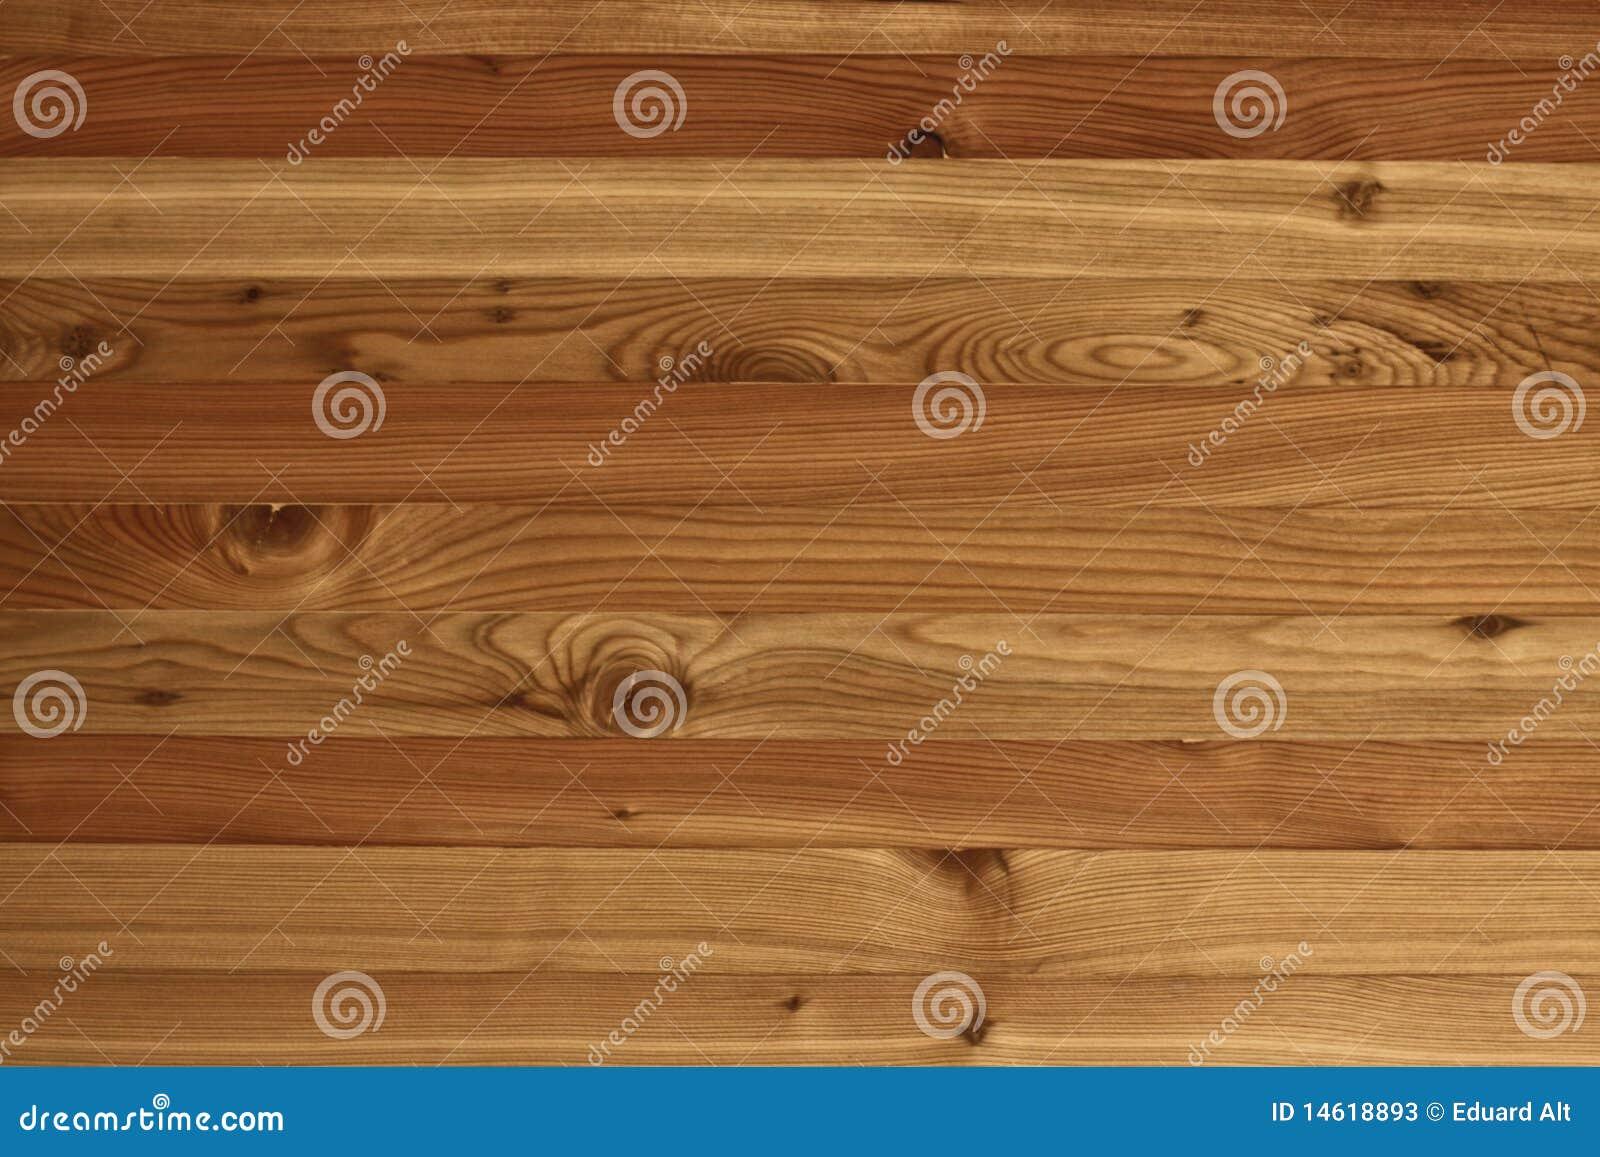 Textures larix sibirica